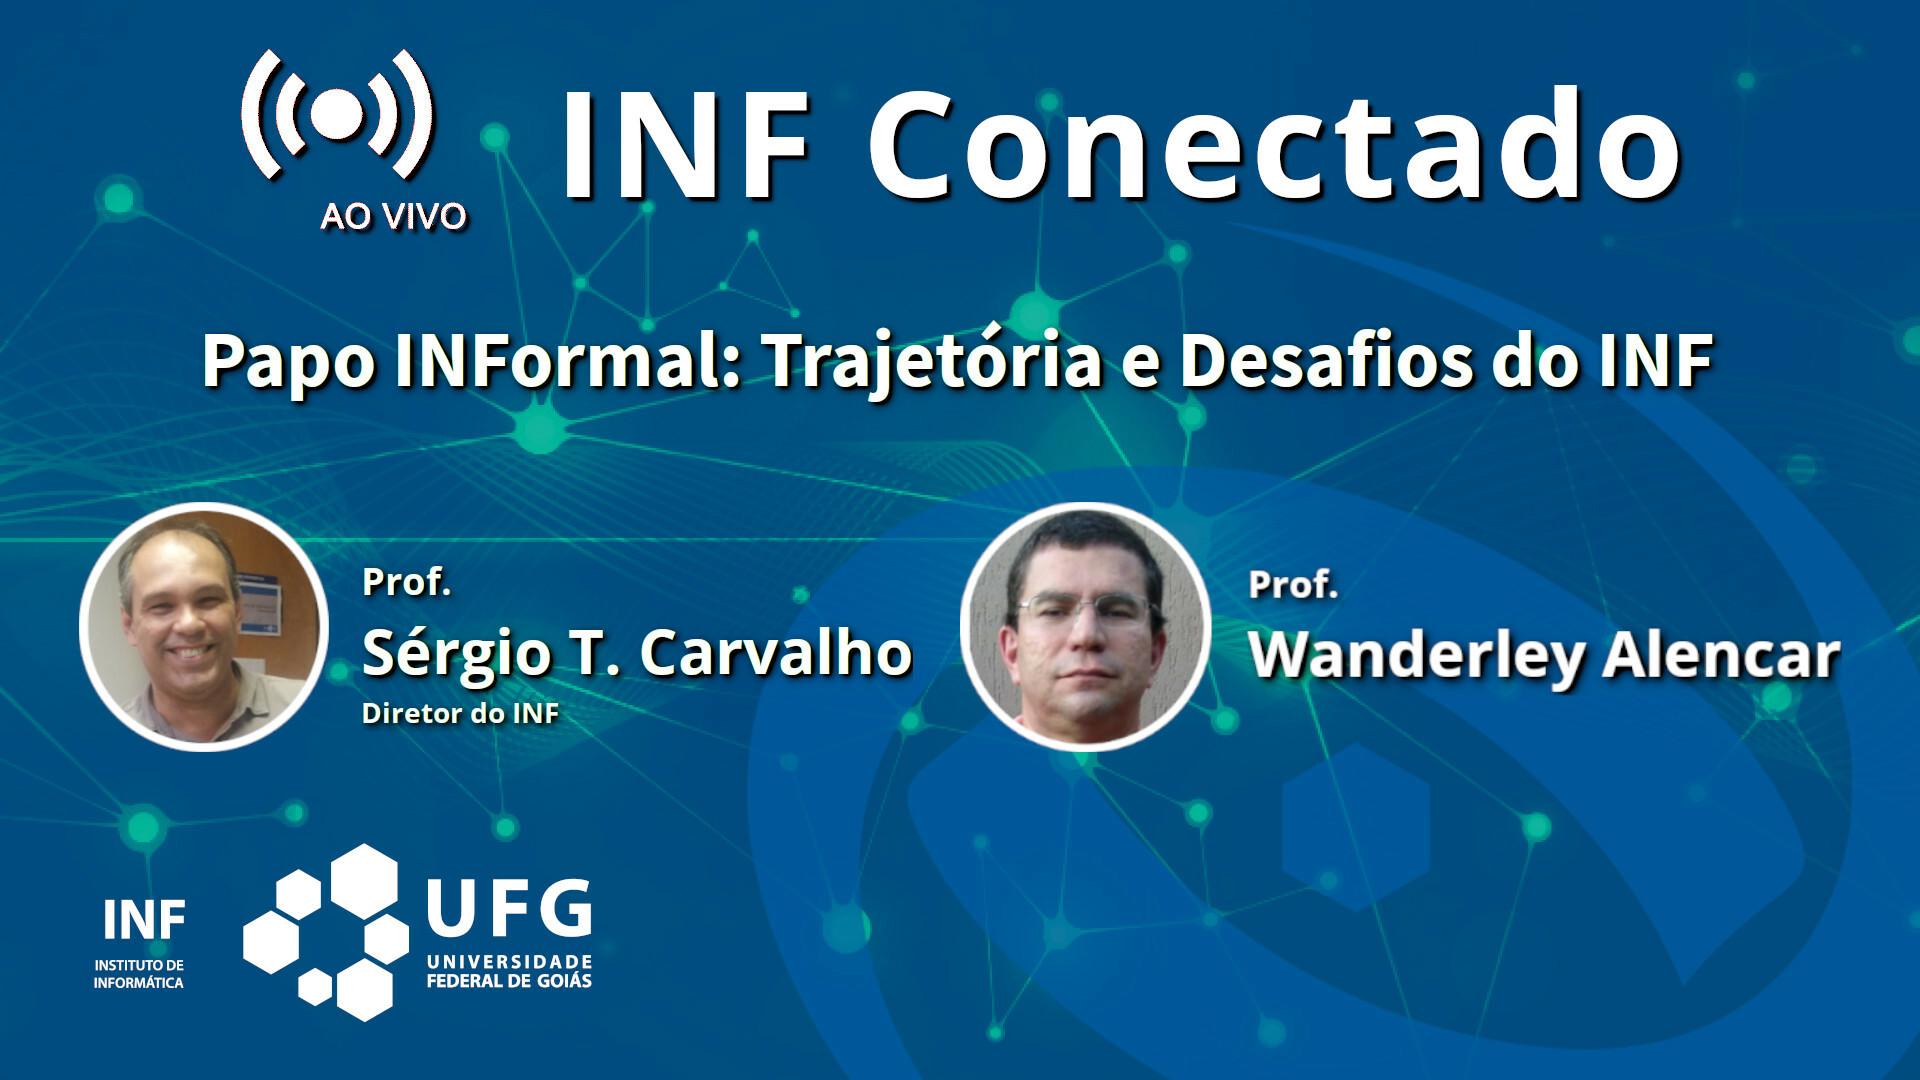 INF Conectado 10